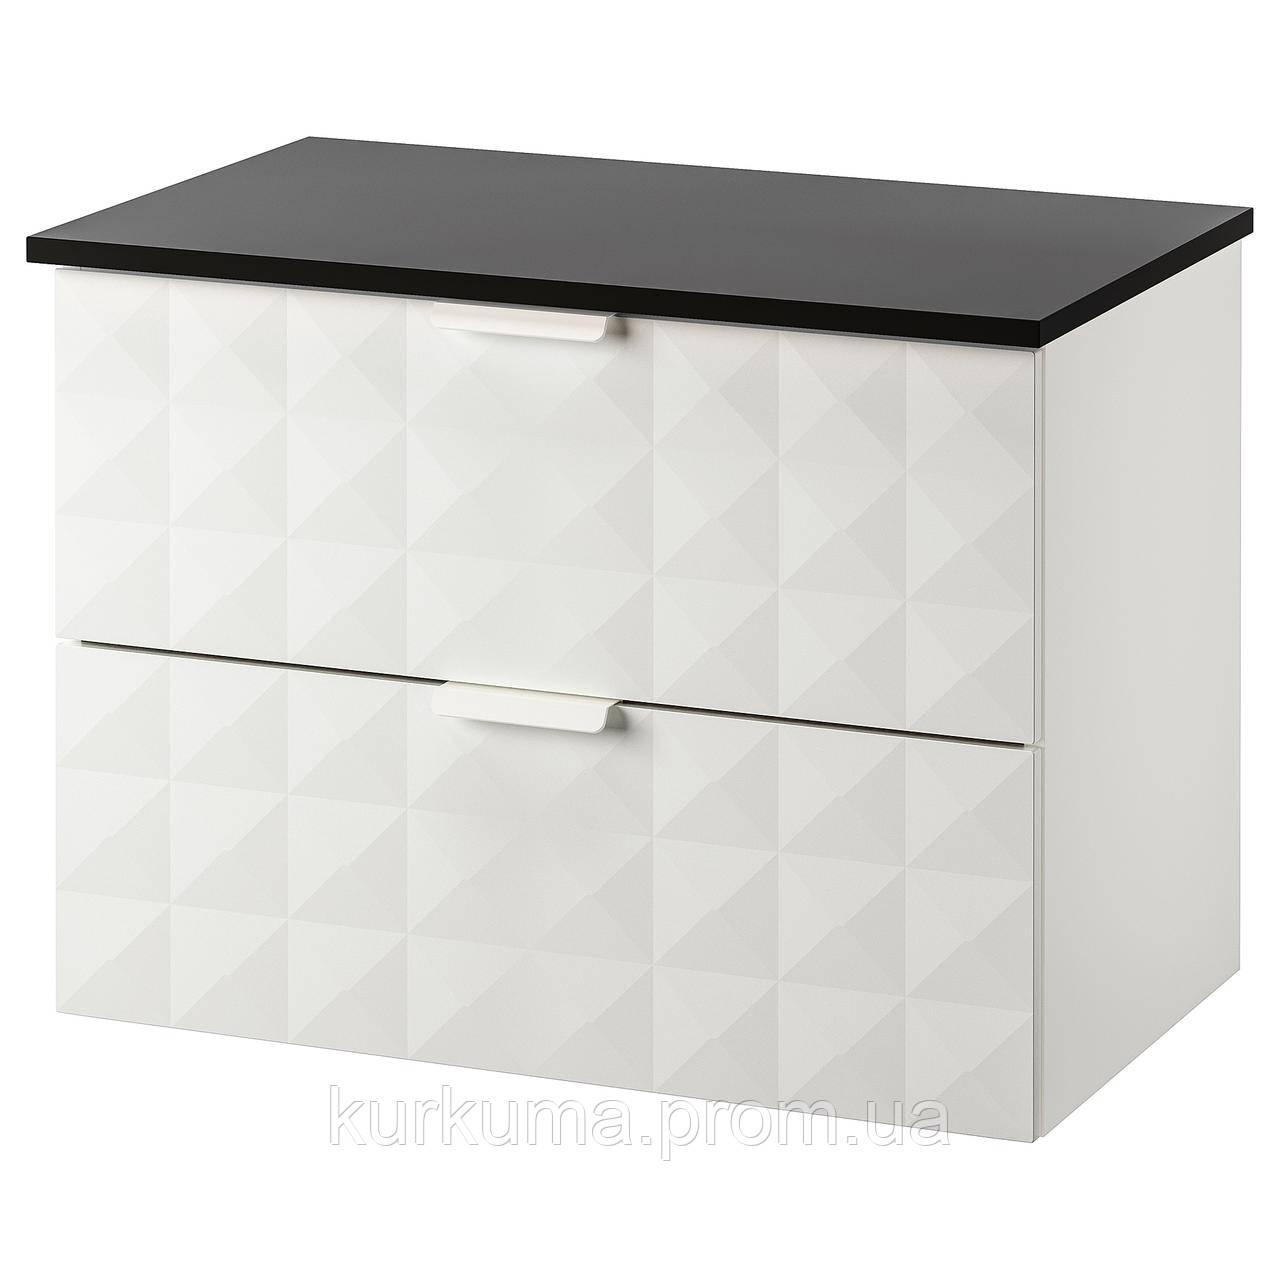 IKEA GODMORGON/TOLKEN Шафа під умивальник зі стільницею, Ресжон білий, антрацит (092.954.65)